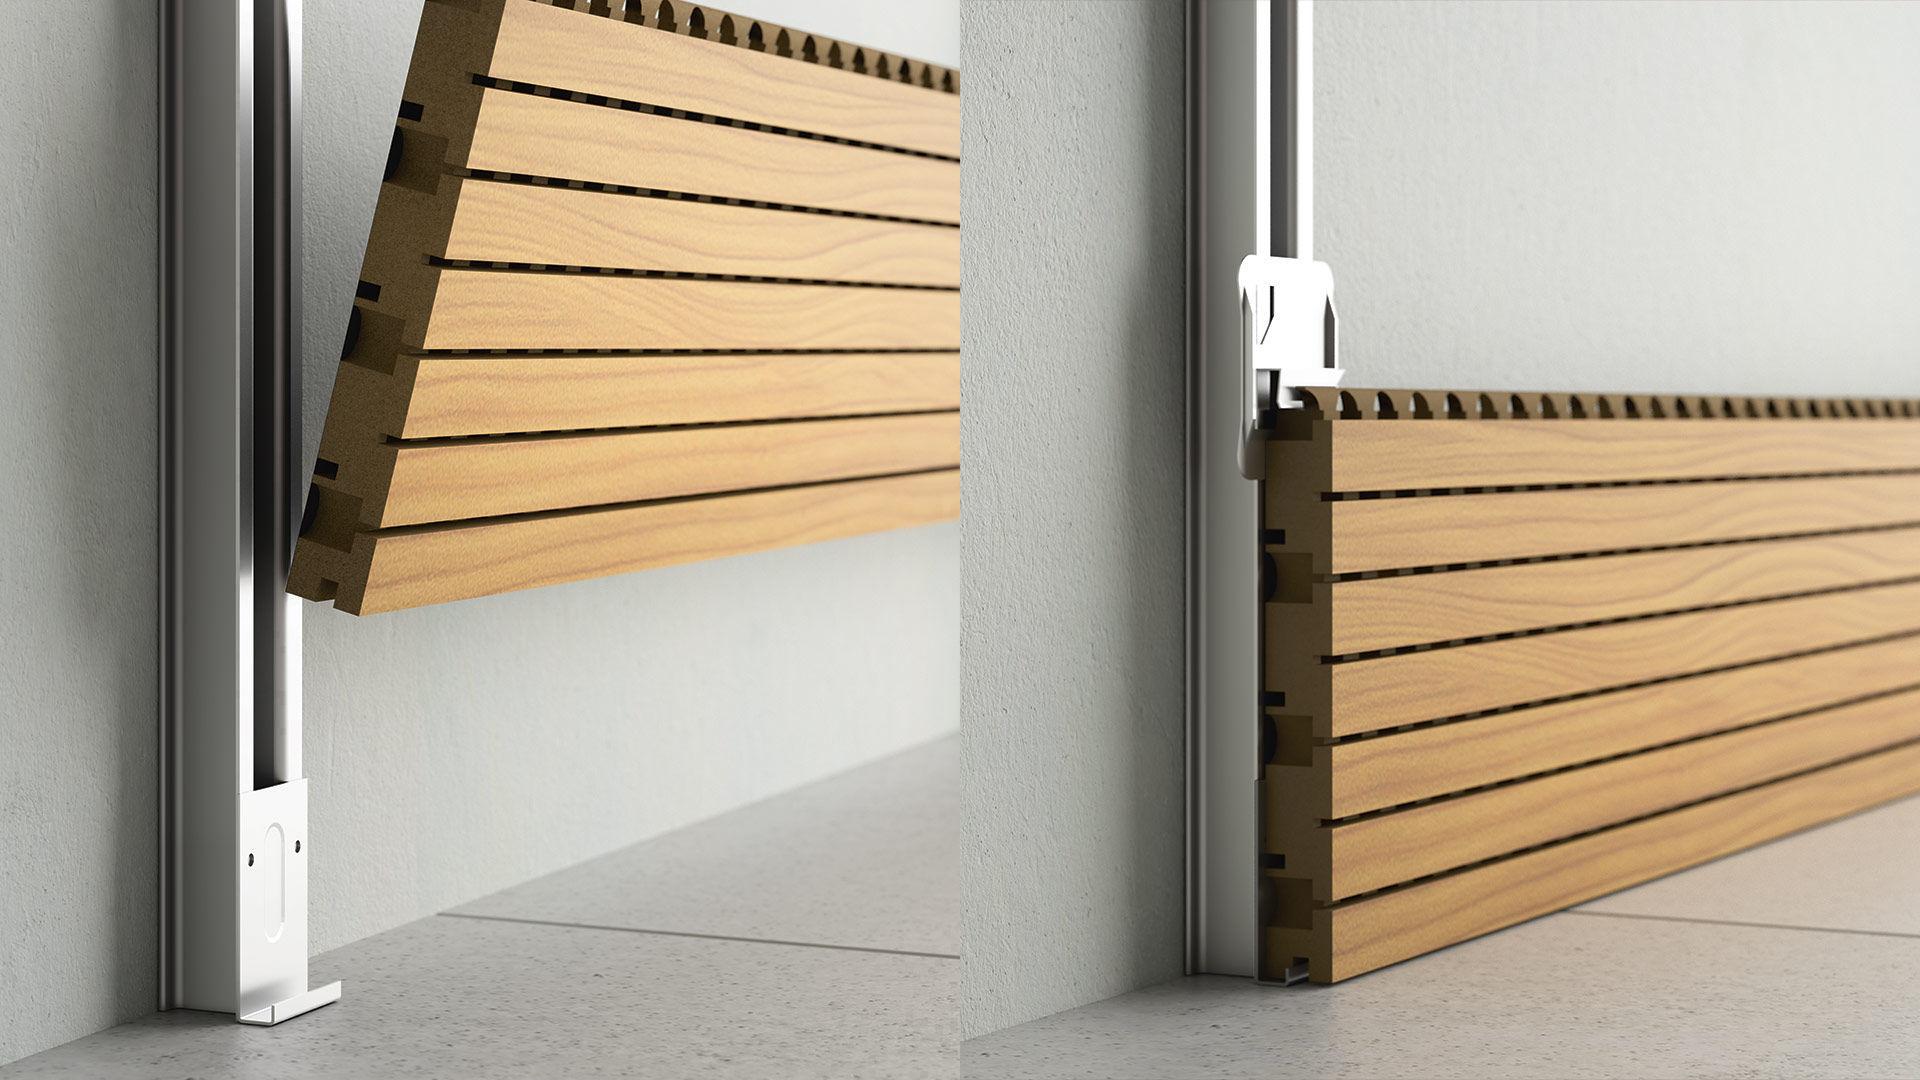 Paneles Madera Interior Materiales De Construcci N Para La  ~ Panelados De Madera Para Paredes